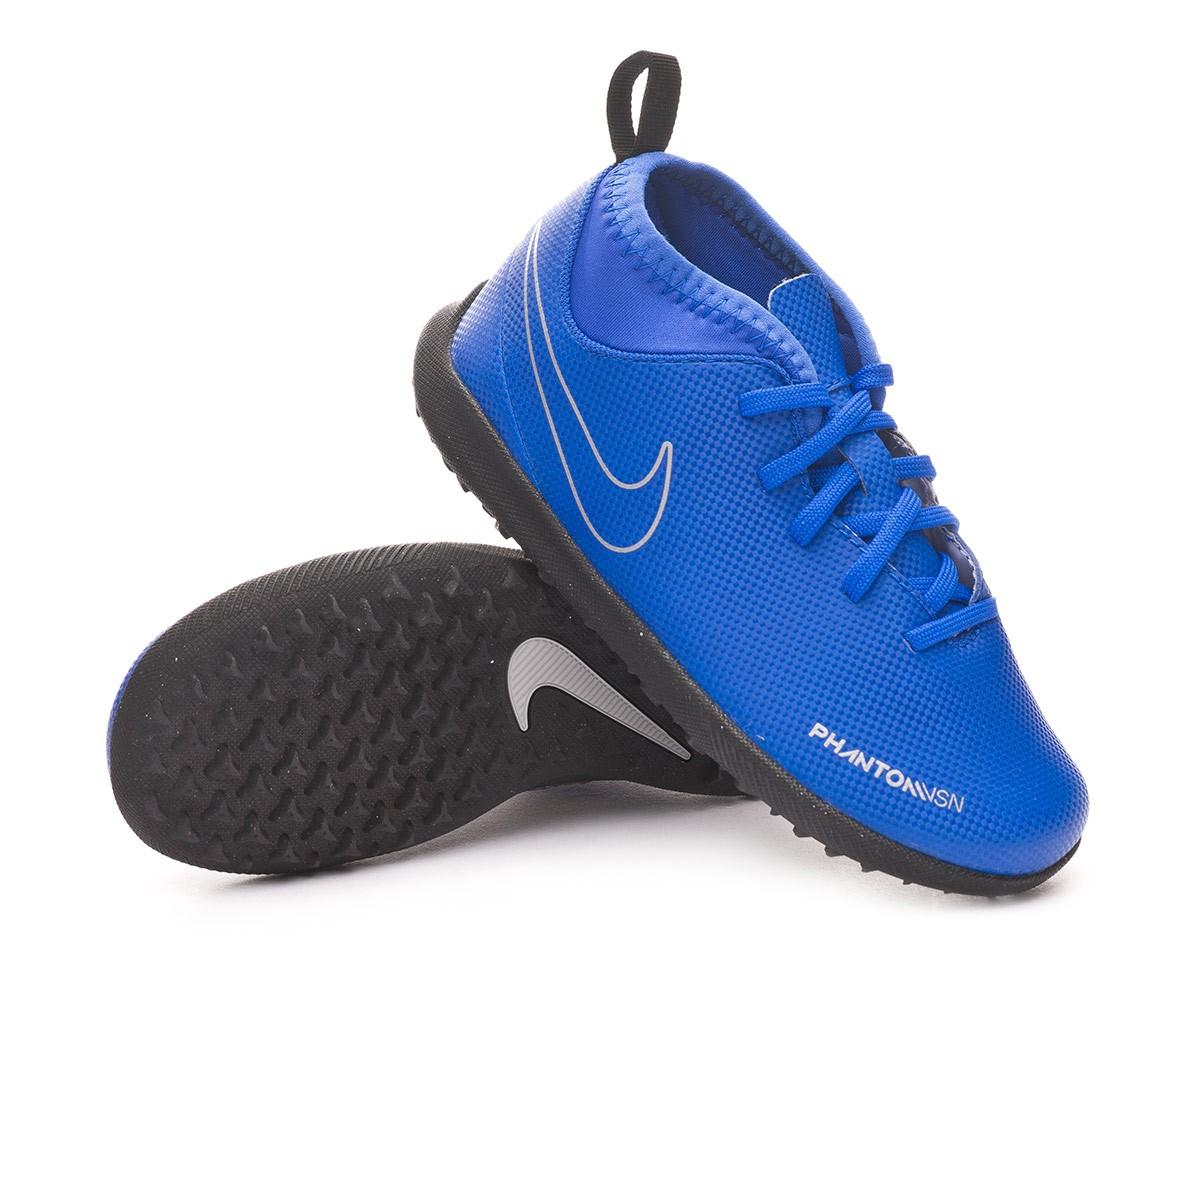 7ebc66abf6ae Football Boot Nike Kids Phantom Vision Club DF Turf Racer blue-Black ...